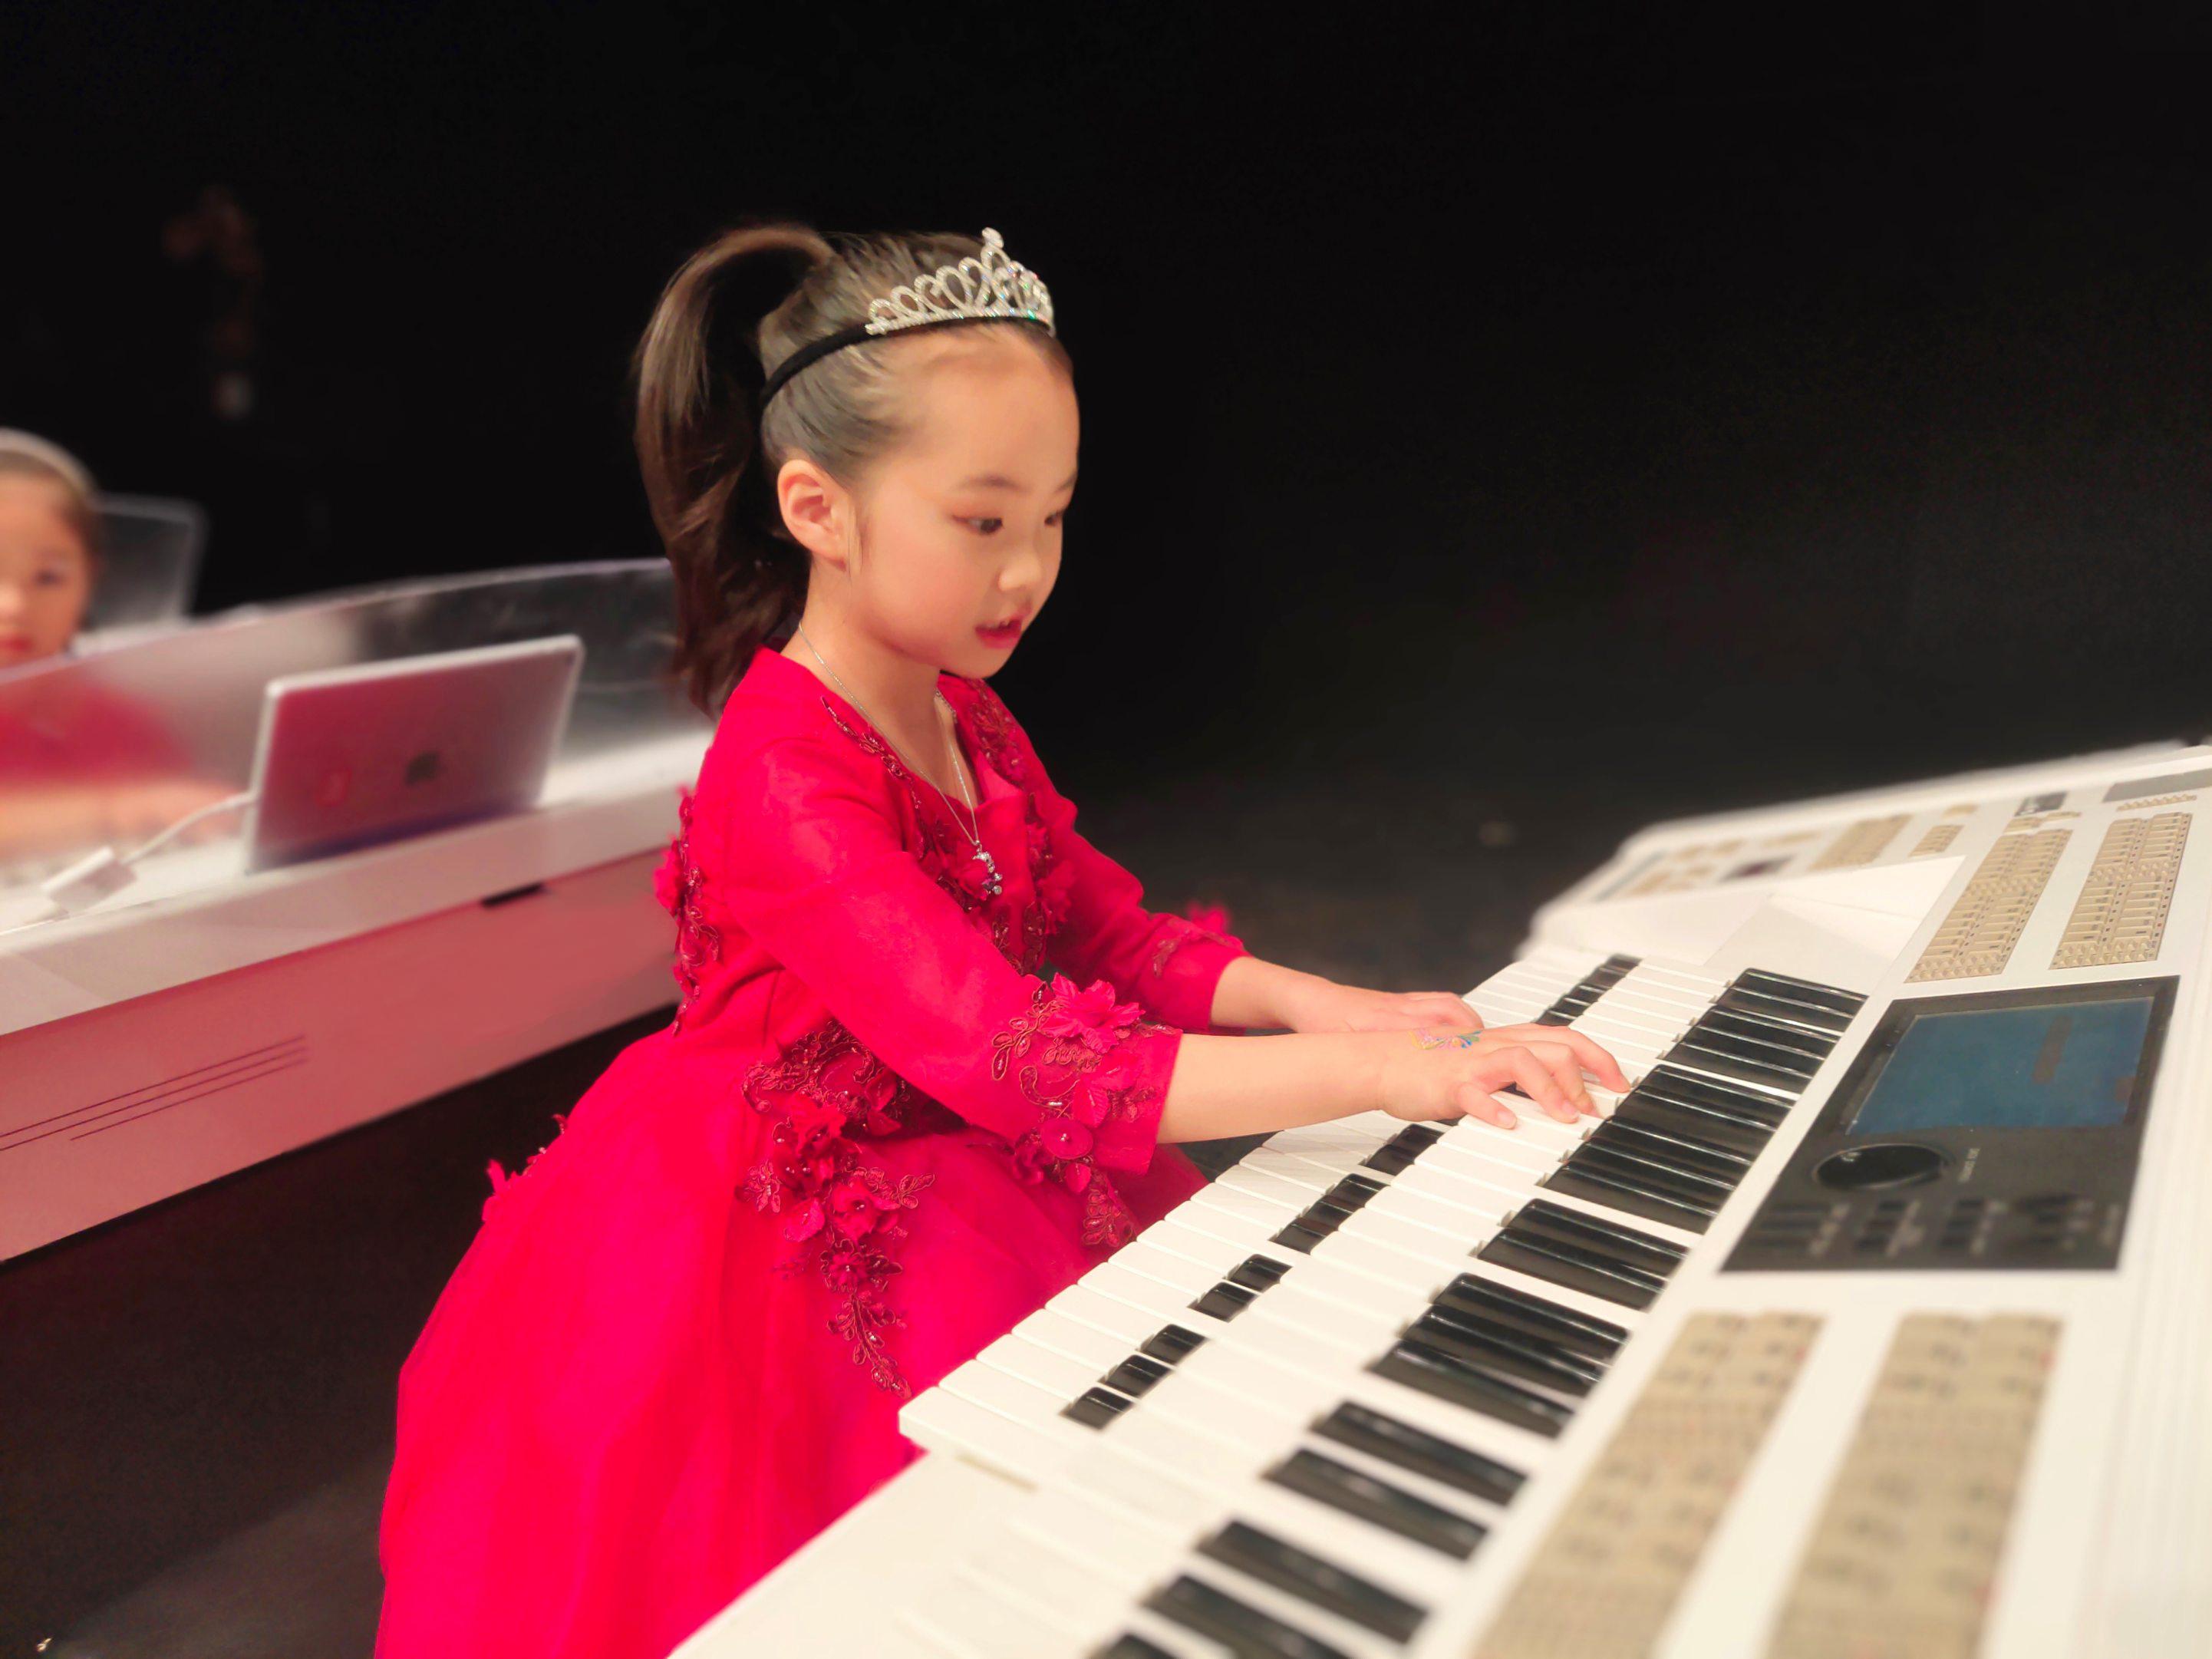 学双排键能解决孩子练琴枯燥的问题?听听钢琴老师怎么说